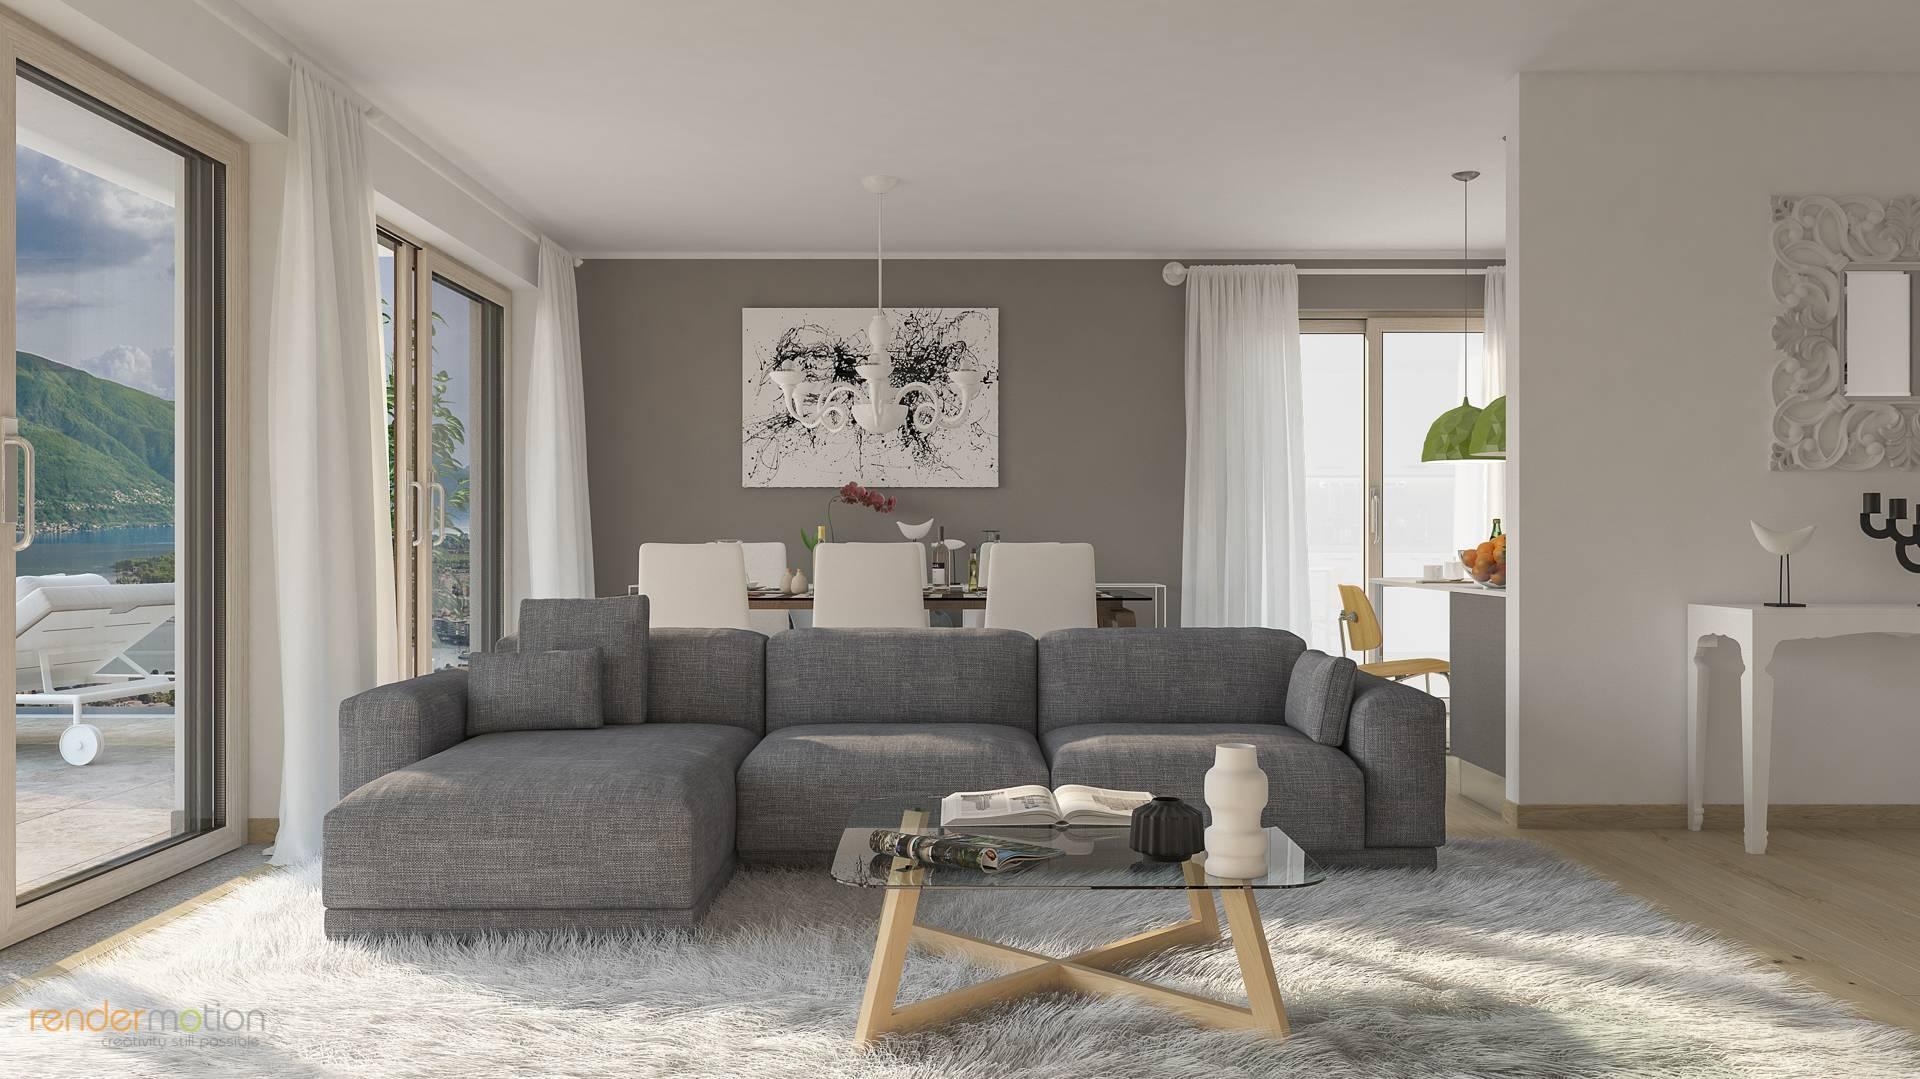 Appartamento in vendita a Cassano d'Adda, 2 locali, prezzo € 155.000 | PortaleAgenzieImmobiliari.it